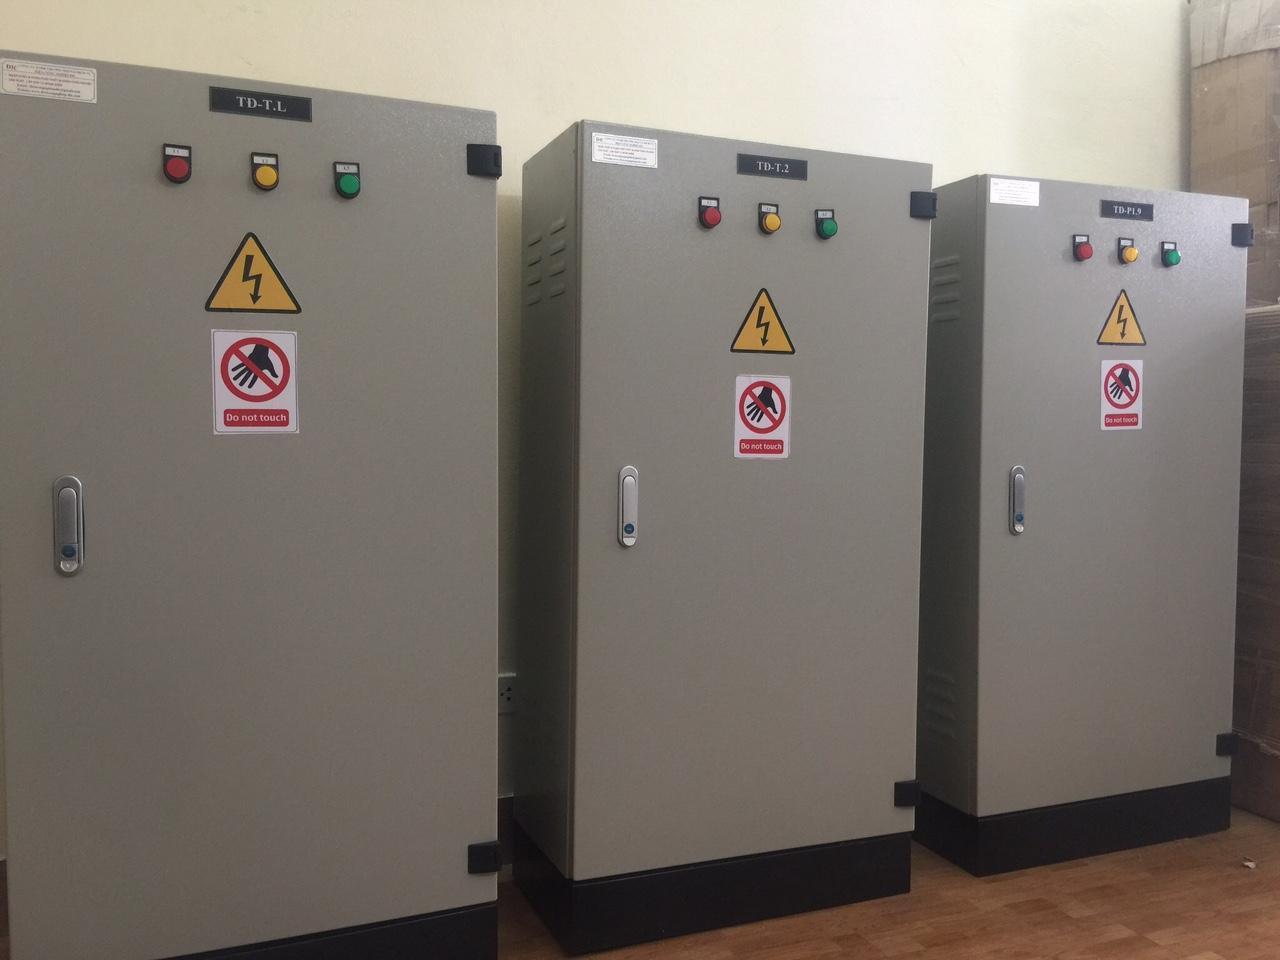 Ứng dụng của tủ điện trong từng ngành nghề khác nhau